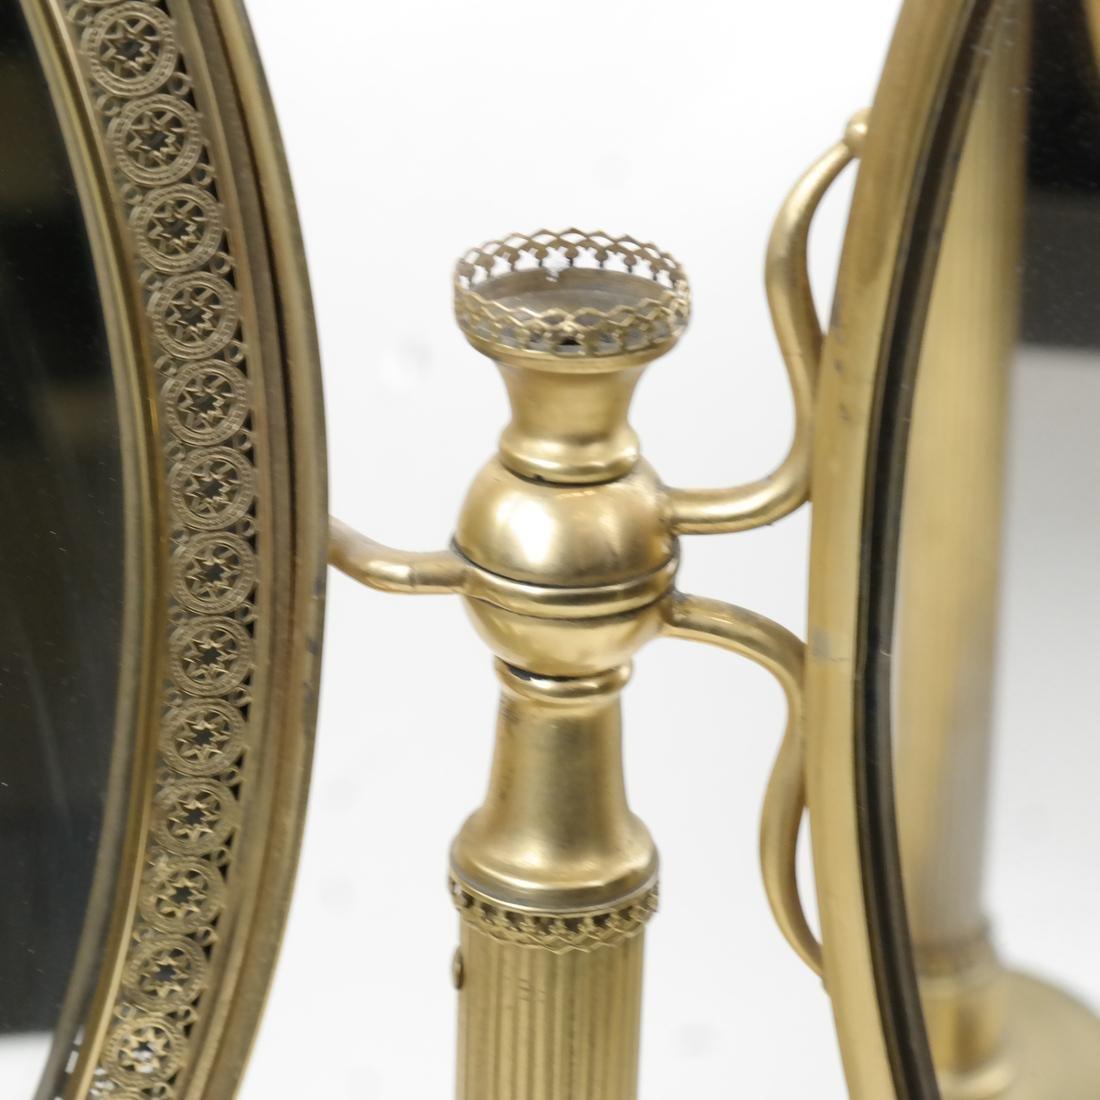 French Bronze Dore Triptych Vanity Mirror - 2